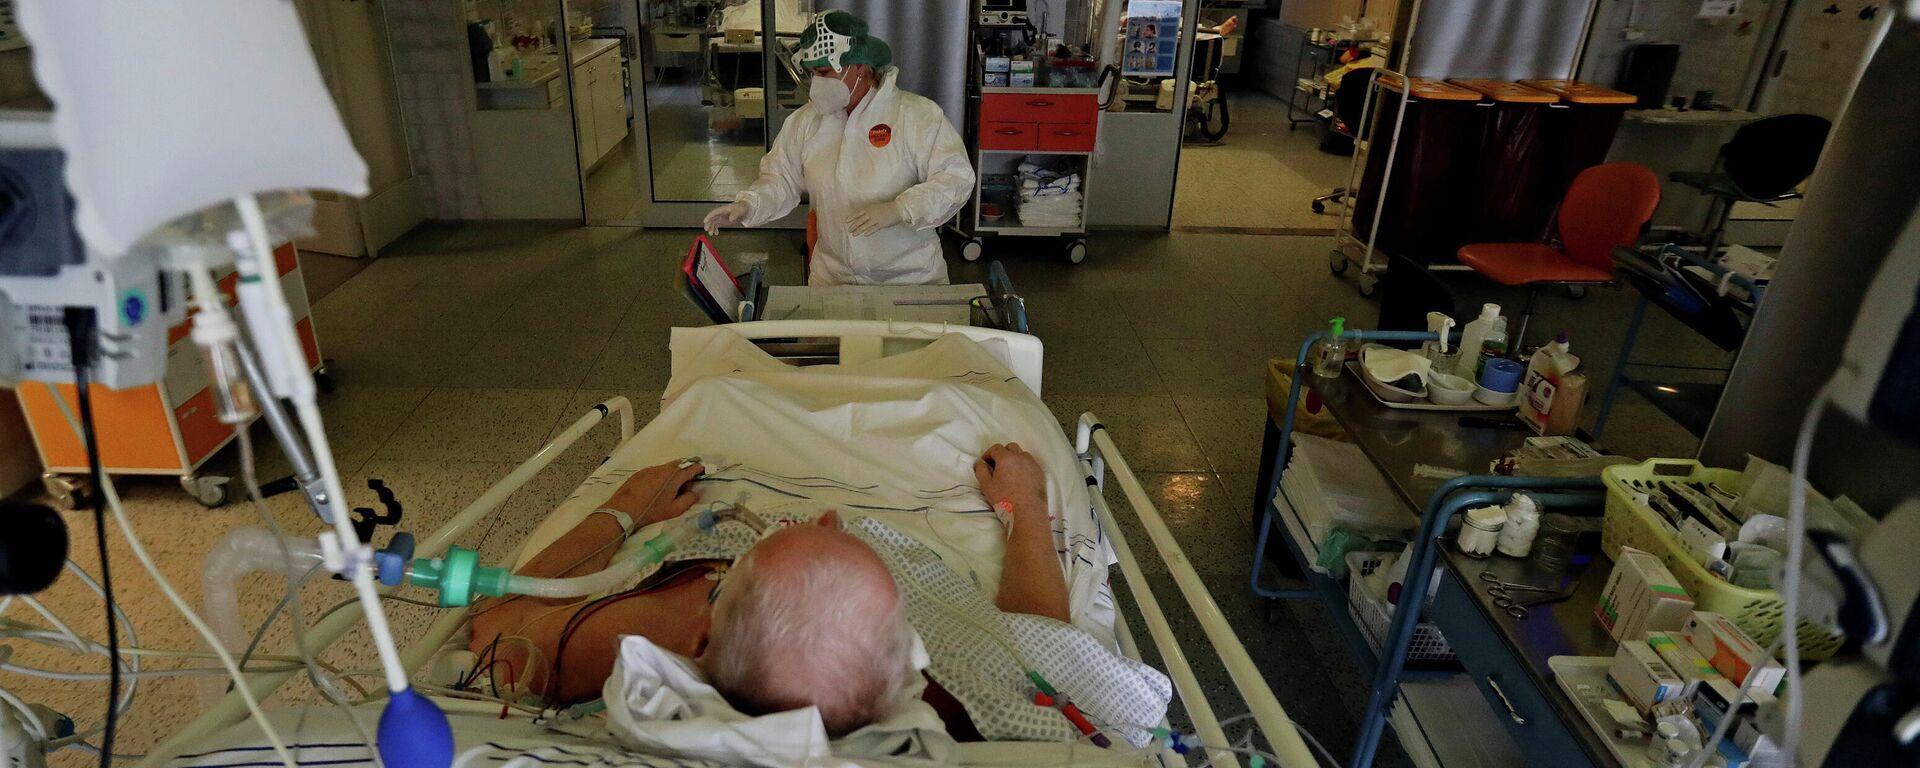 Corona-Patient in einem Krankenhaus im tschechischen Náchod - SNA, 1920, 28.02.2021